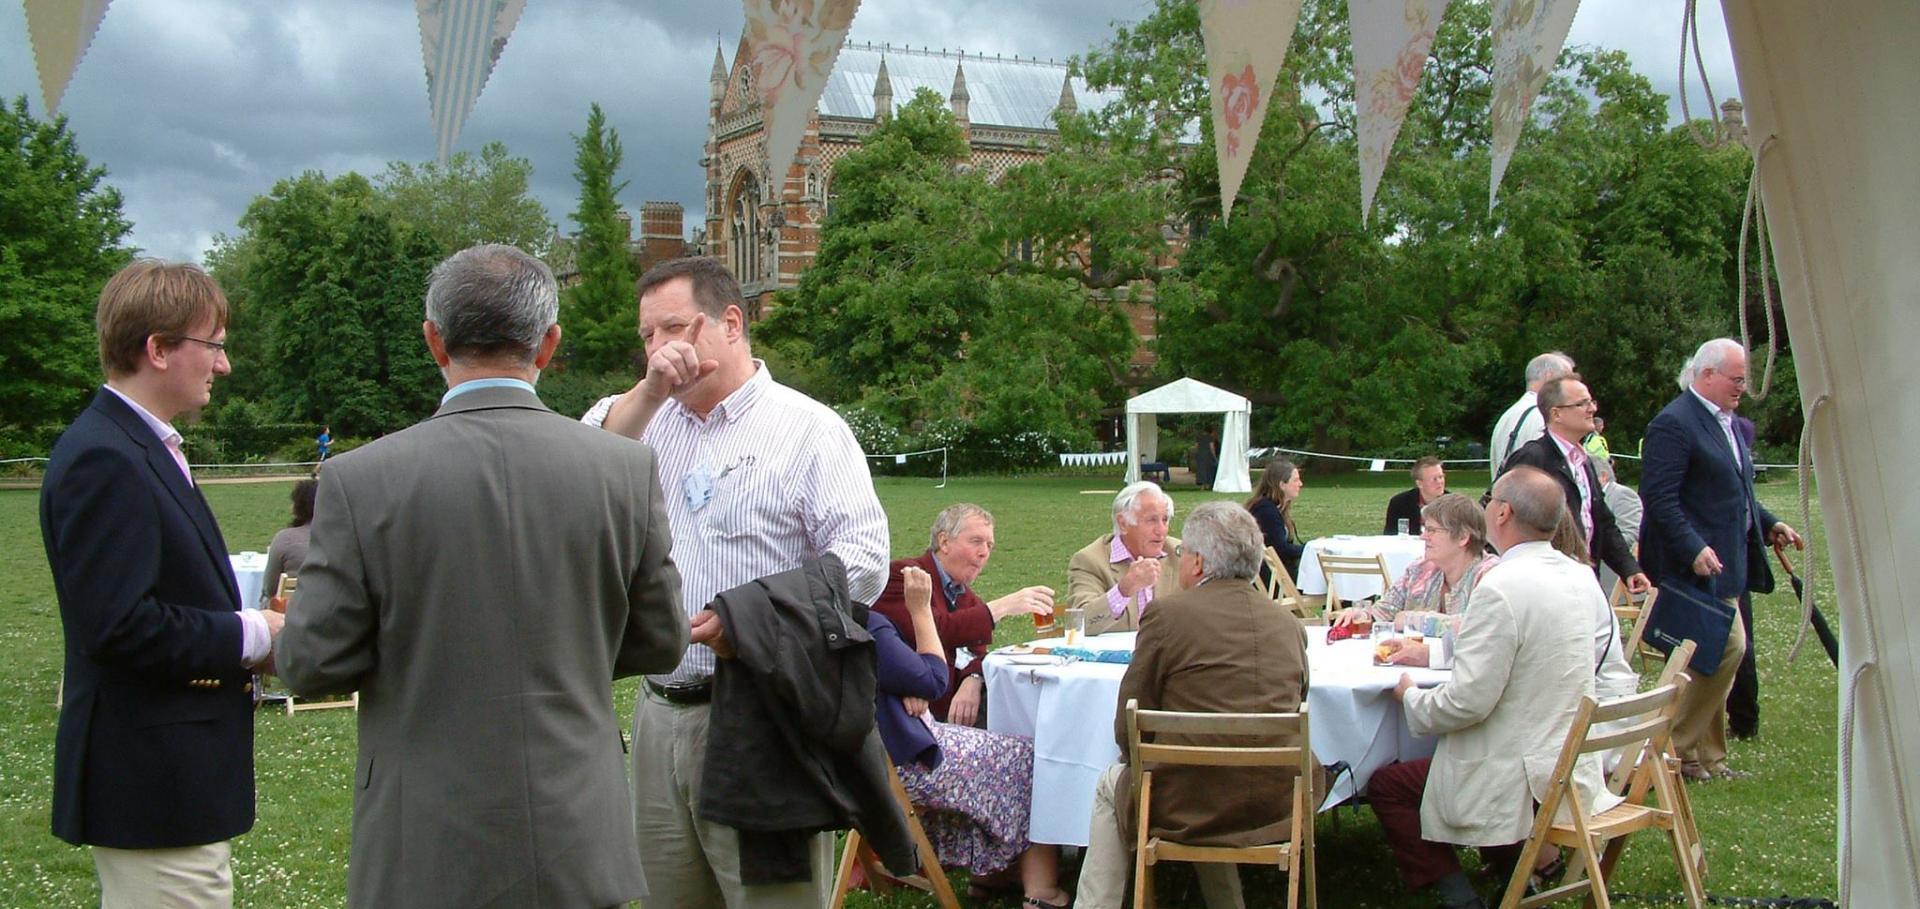 Alumni at a Summer Garden party